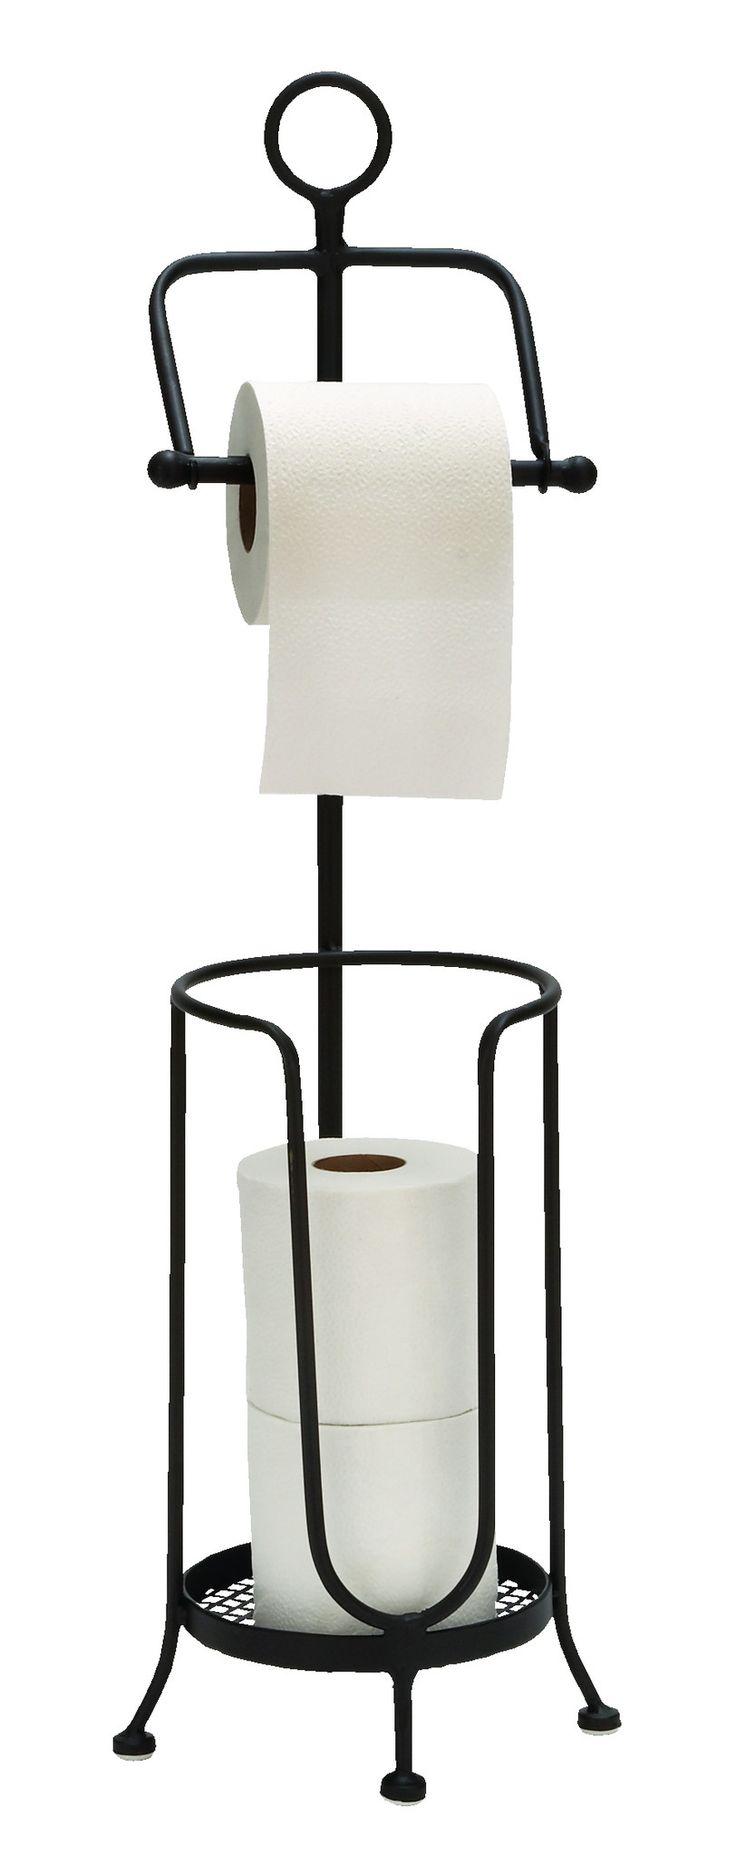 Metal Toilet Paper Holder Floor Bath Room Decor